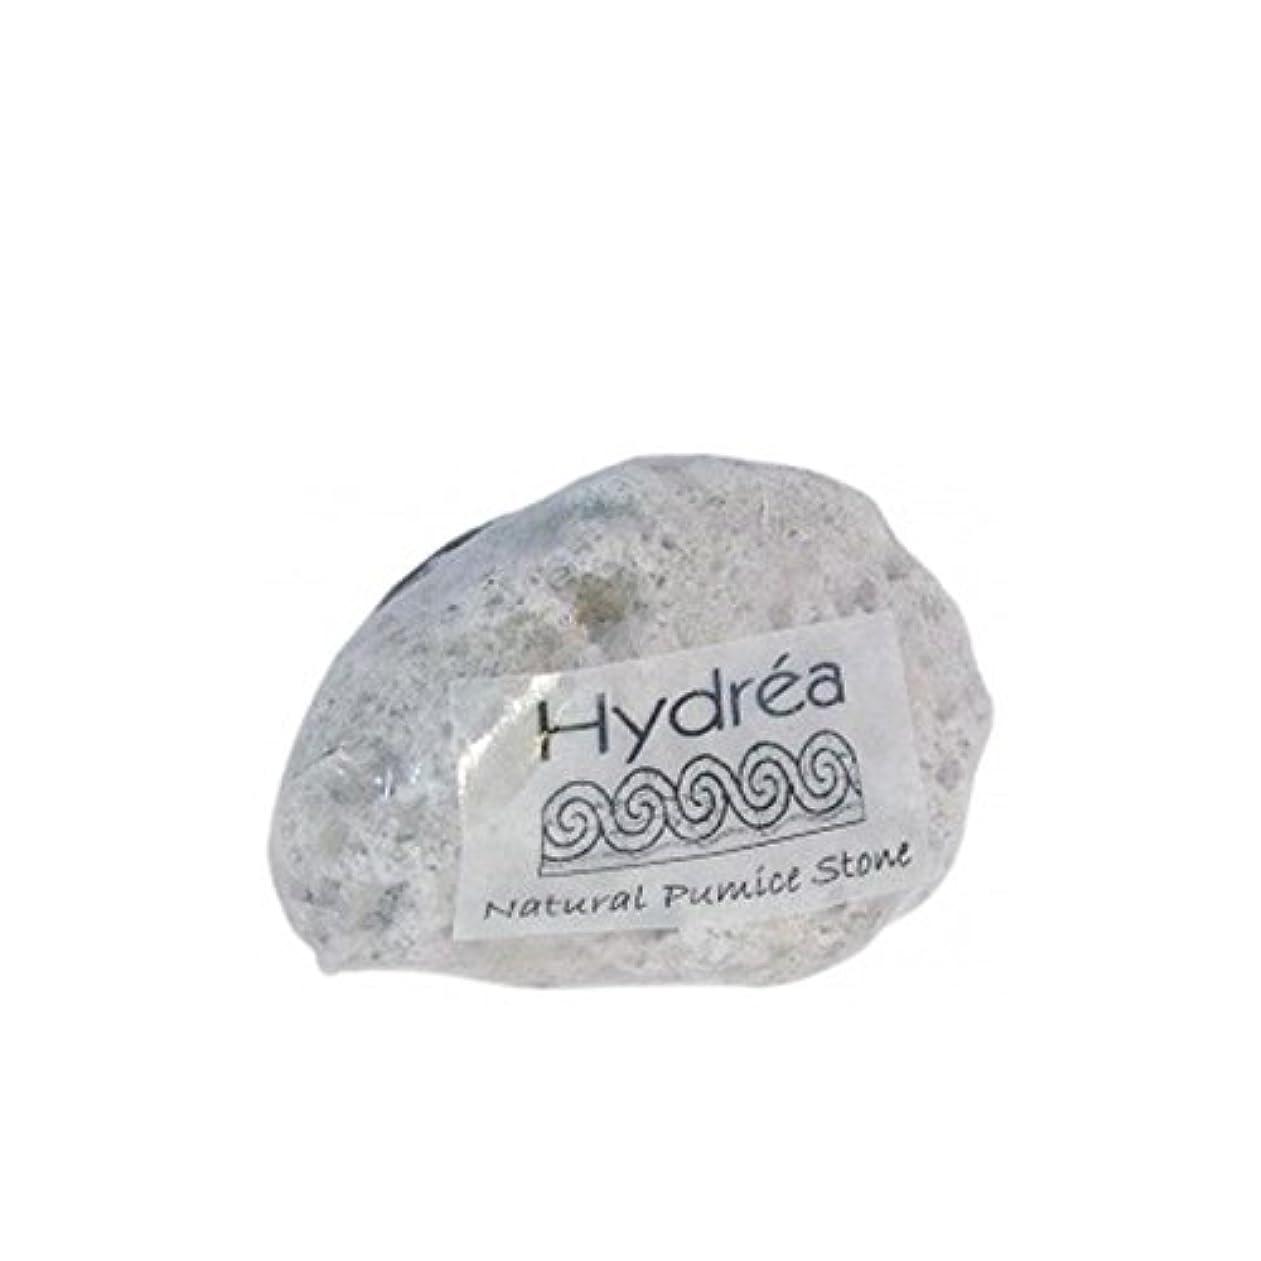 アウター居眠りする穴Hydrea London - Natural Pumice Stone (Pack of 6) - ハイドレアロンドン - 自然軽石 x6 [並行輸入品]